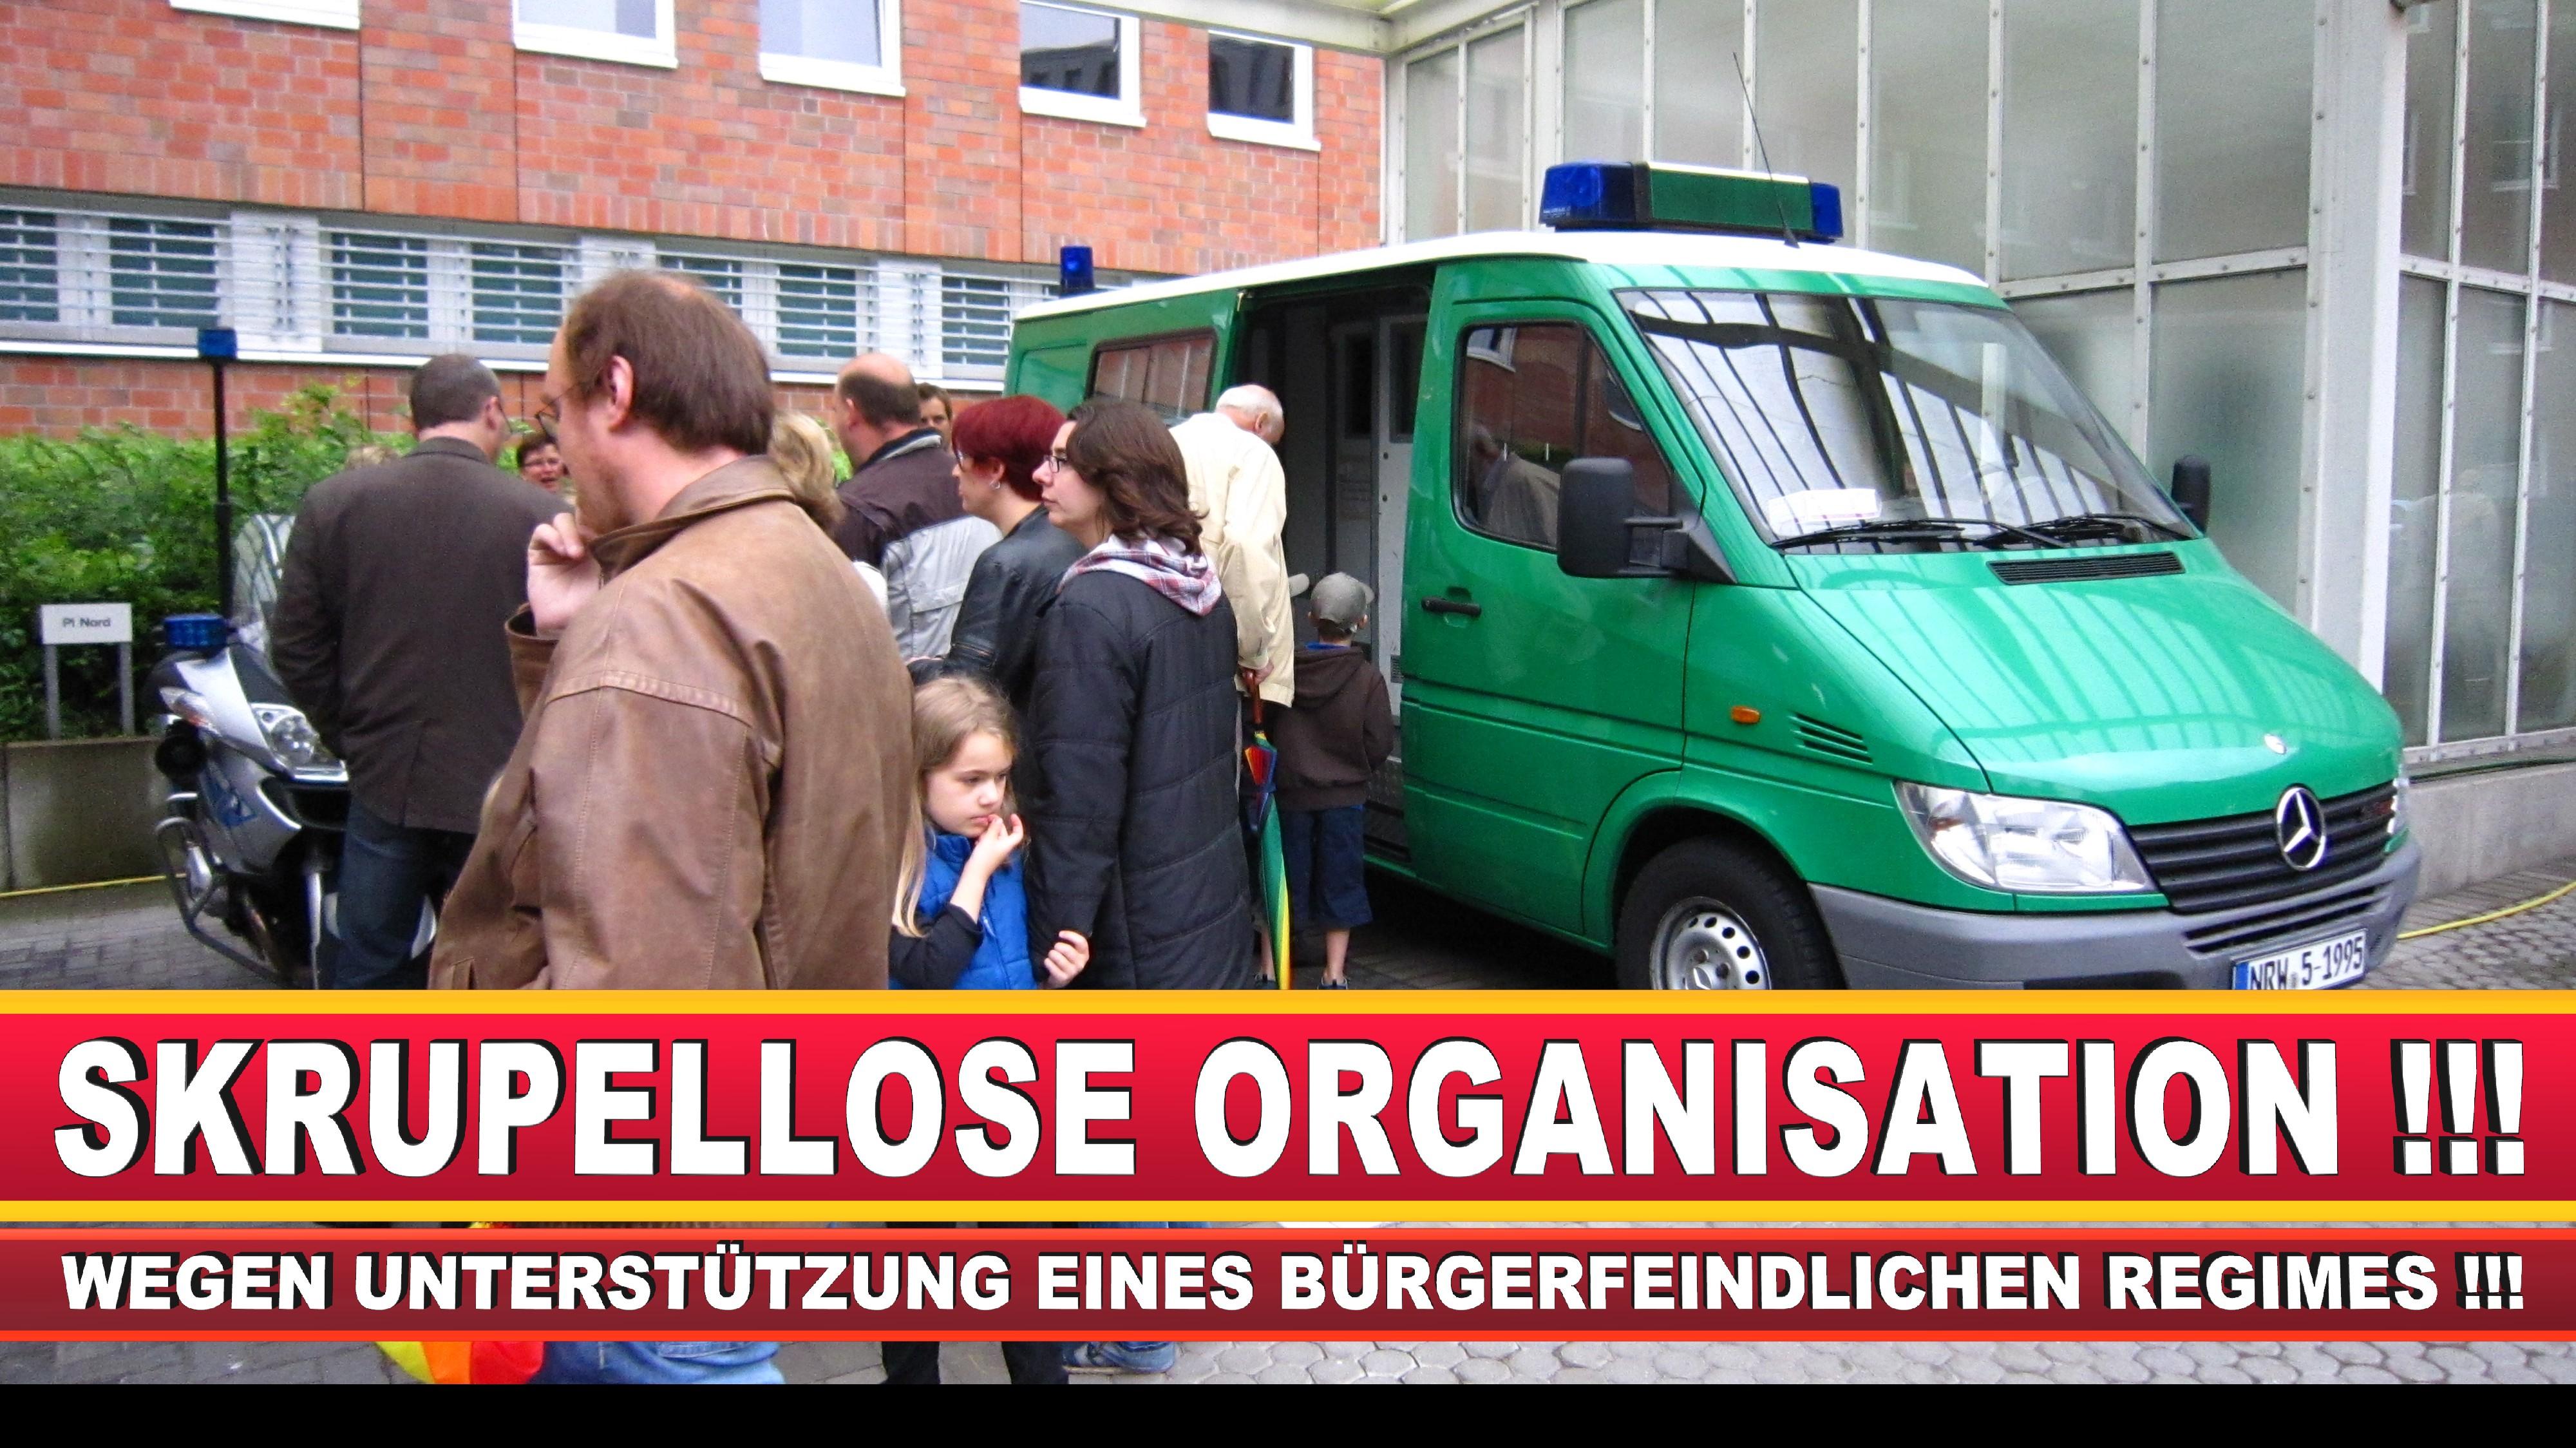 Polizeipräsidentin Katharina Giere Polizei Bielefeld NRW Erwin Südfeld Horst Kruse Polizeiuniform Polizeigewalt DEMONSTRATION Bahnhof (5)